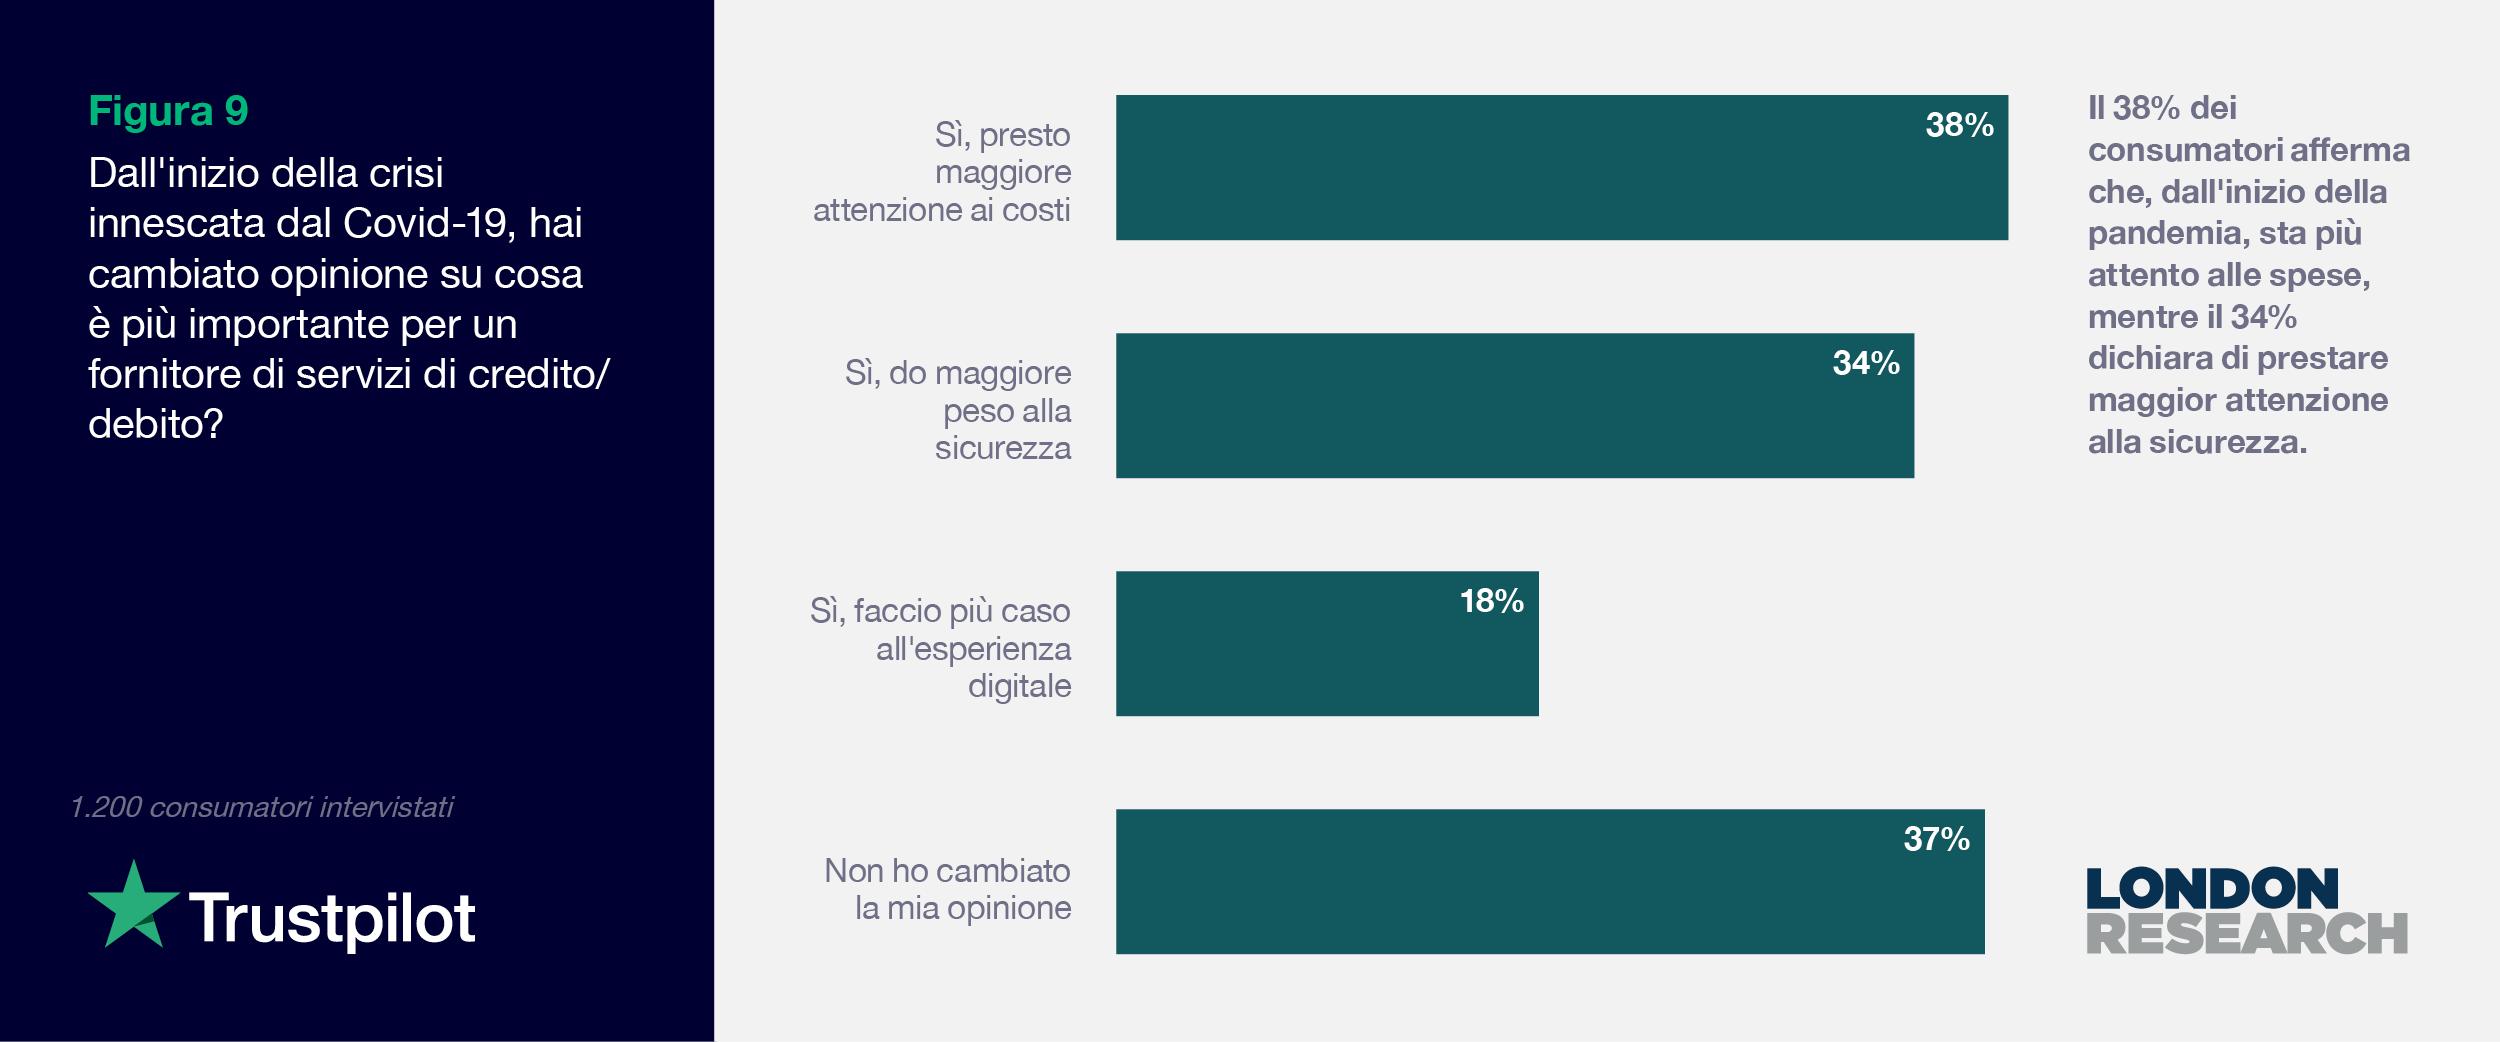 Figura 9 - Finance Report 2021